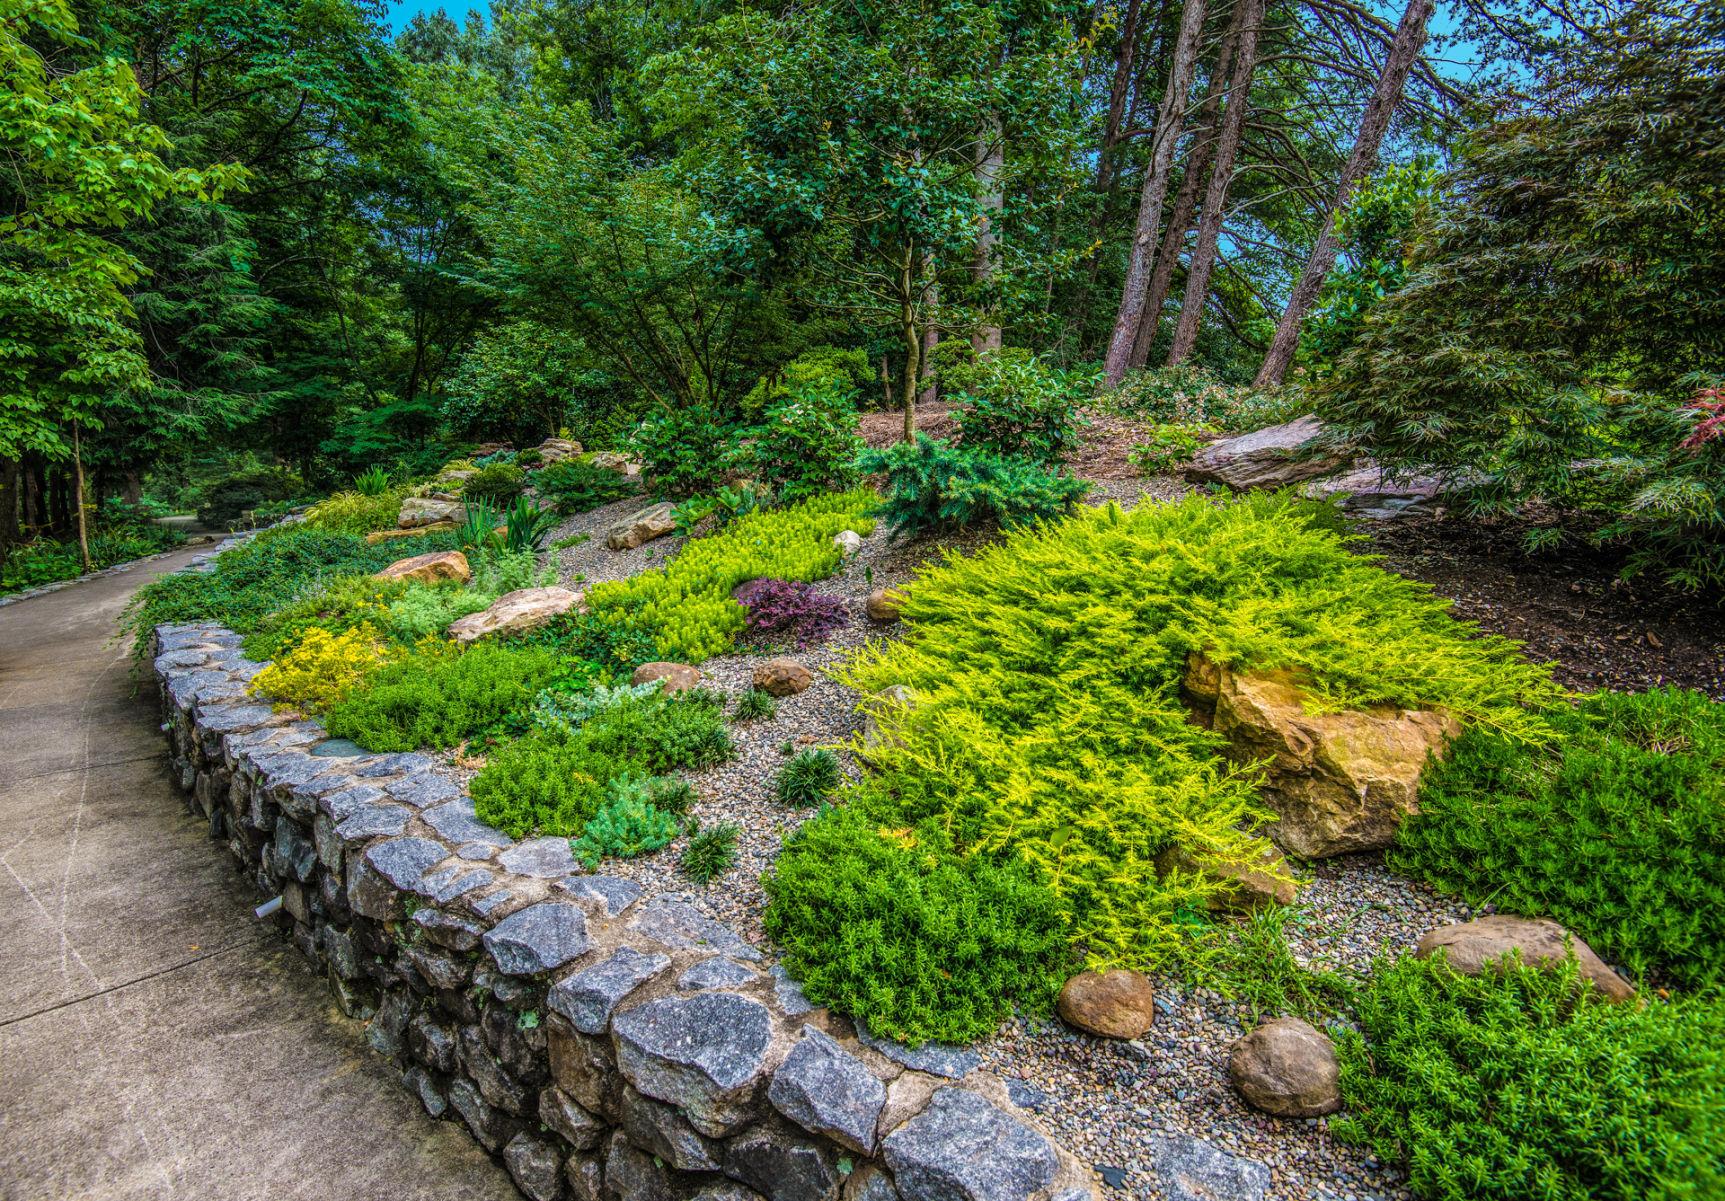 Merveilleux Gardens   Tanger Rock Garden 1 (copy)